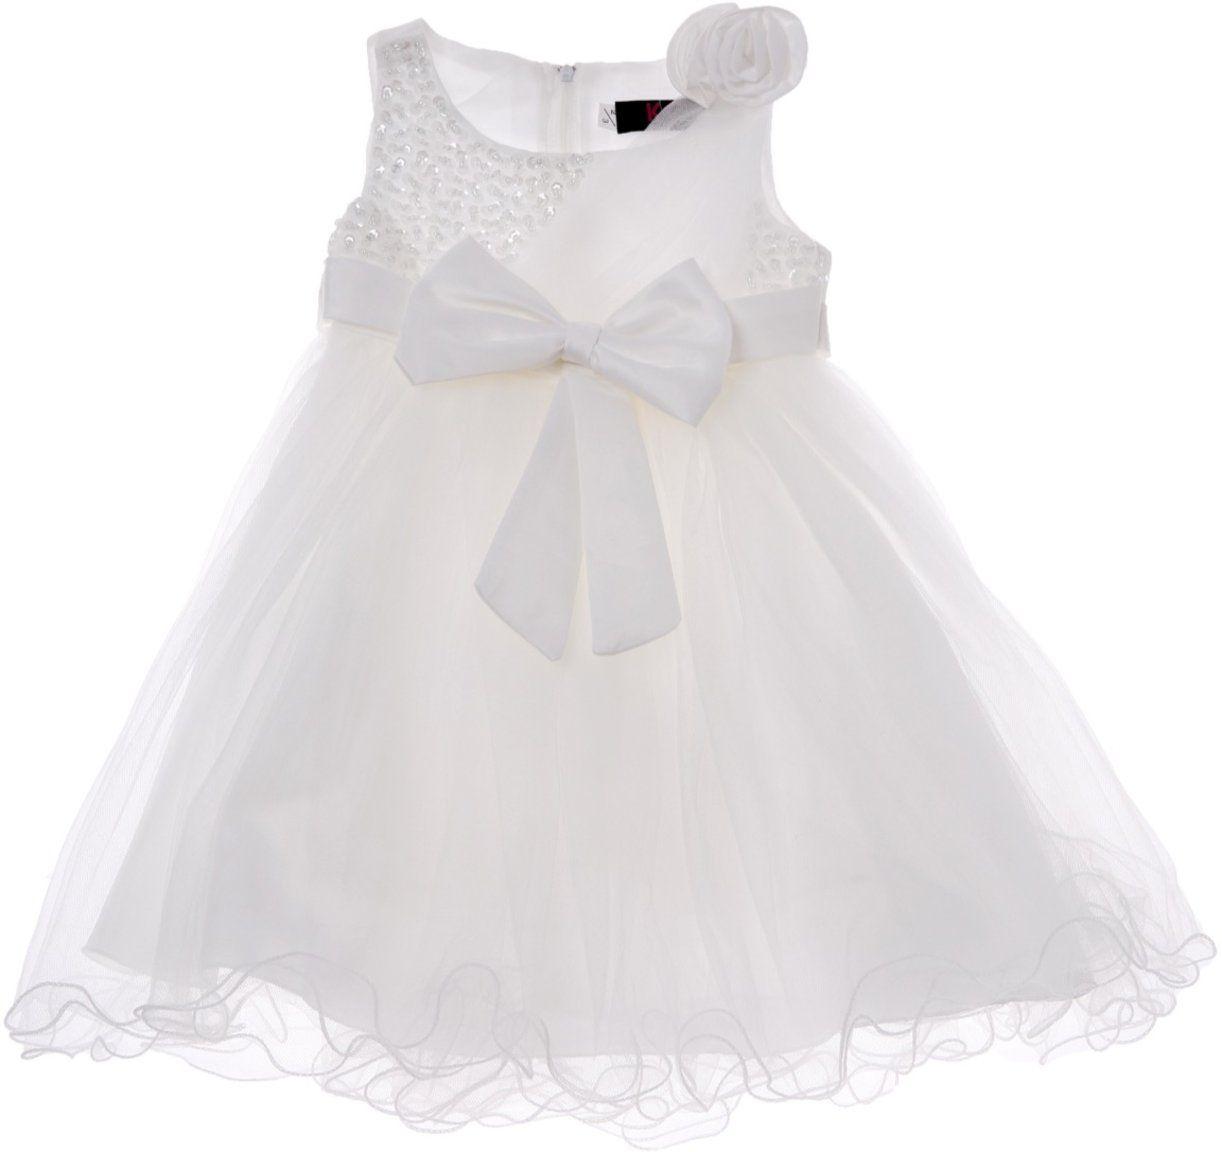 2b7981f82a44 Ένα από τα πιο εντυπωσιακά μας φορέματα, για κορίτσια 2-14 ετών, με ...